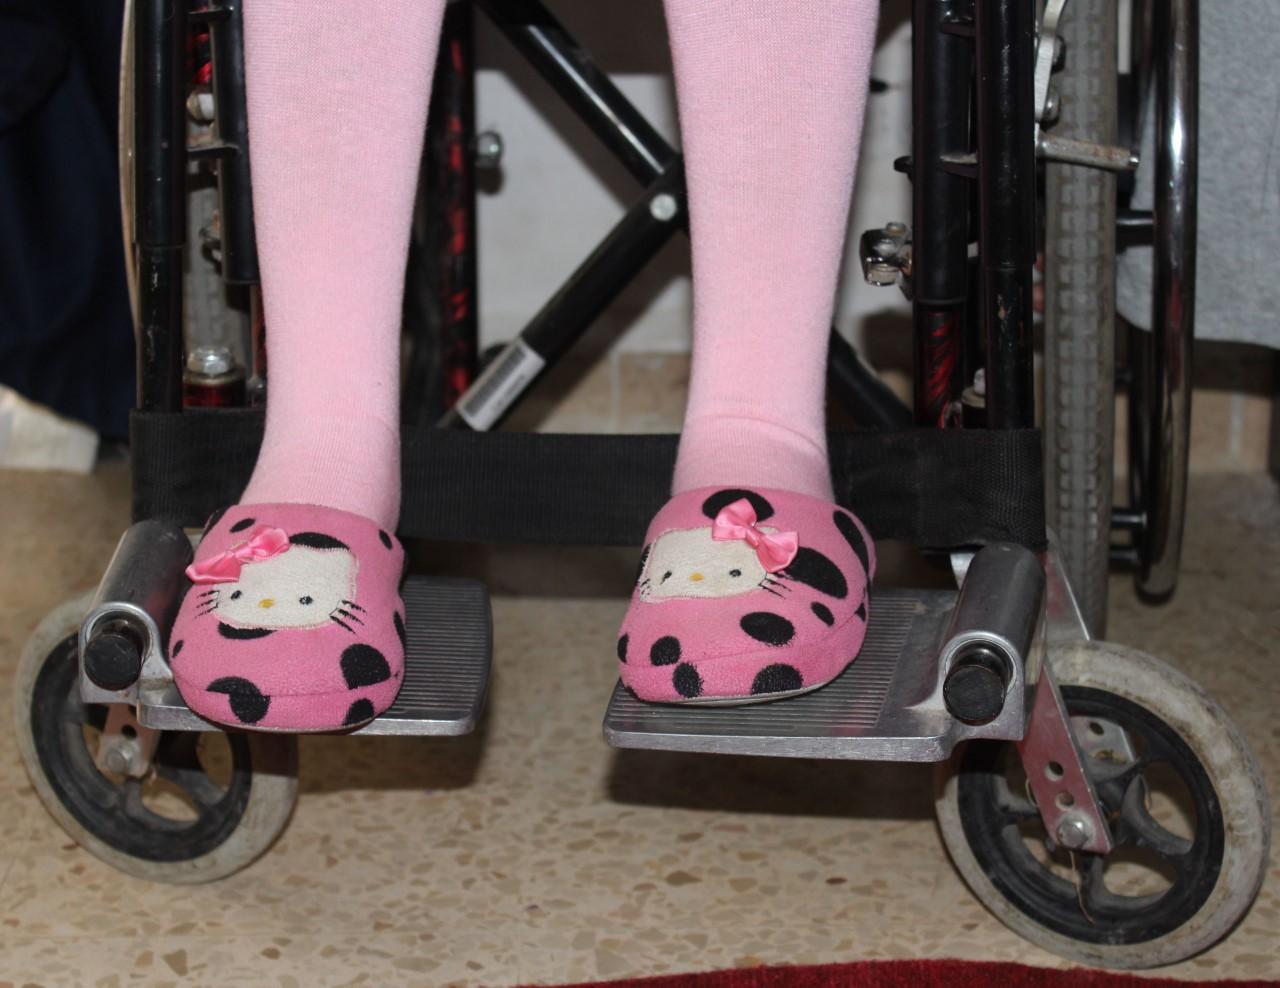 Kuvituskuva, pikkutytön jalat pyörätuolissa